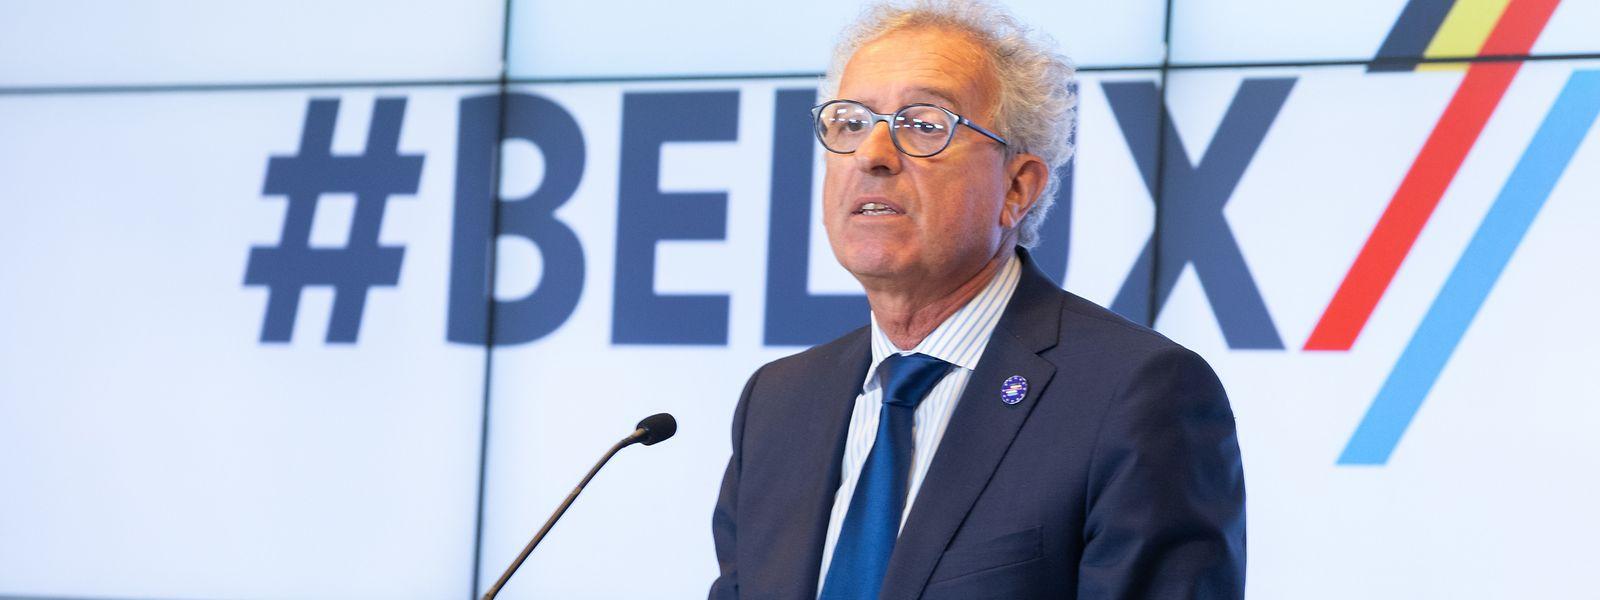 """Ironie de l'histoire, Pierre Gramegna avait déjà eu l'occasion de discuter de la révision de cette """"tolérance fiscale"""" avec Alexander De Croo. Ce dernier était alors ministre des Finances et pas encore Premier ministre de Belgique."""